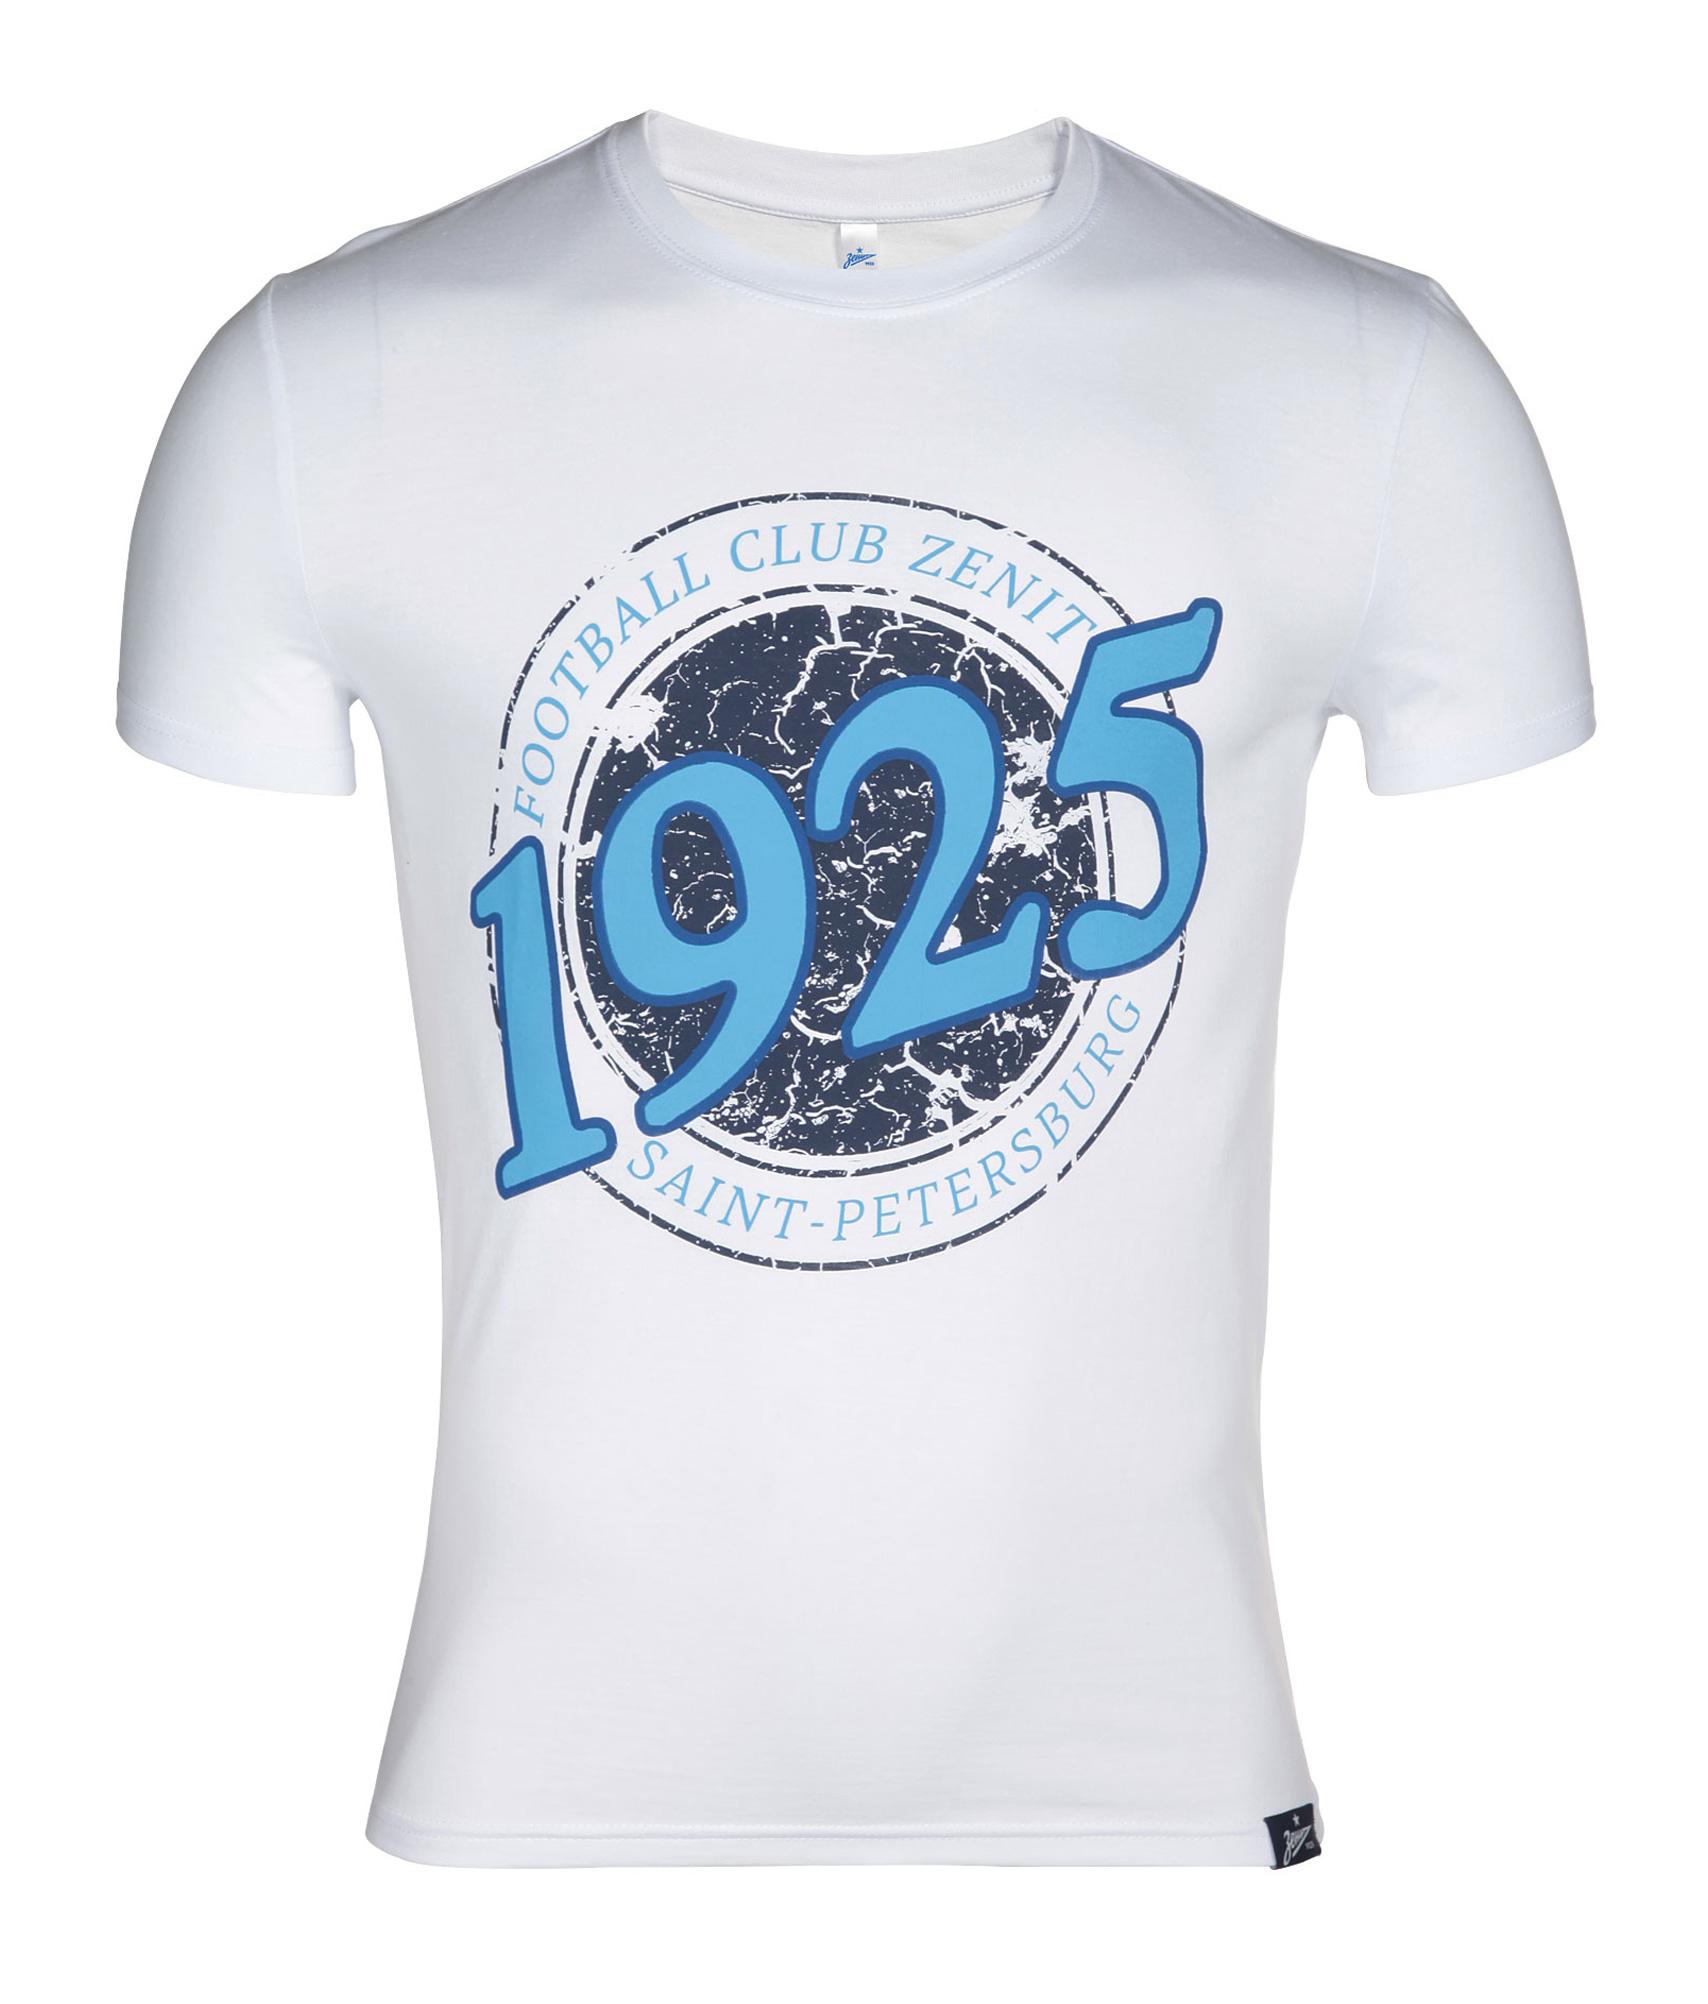 Мужская футболка Зенит Цвет-Белый зенит фк енисей красноярск